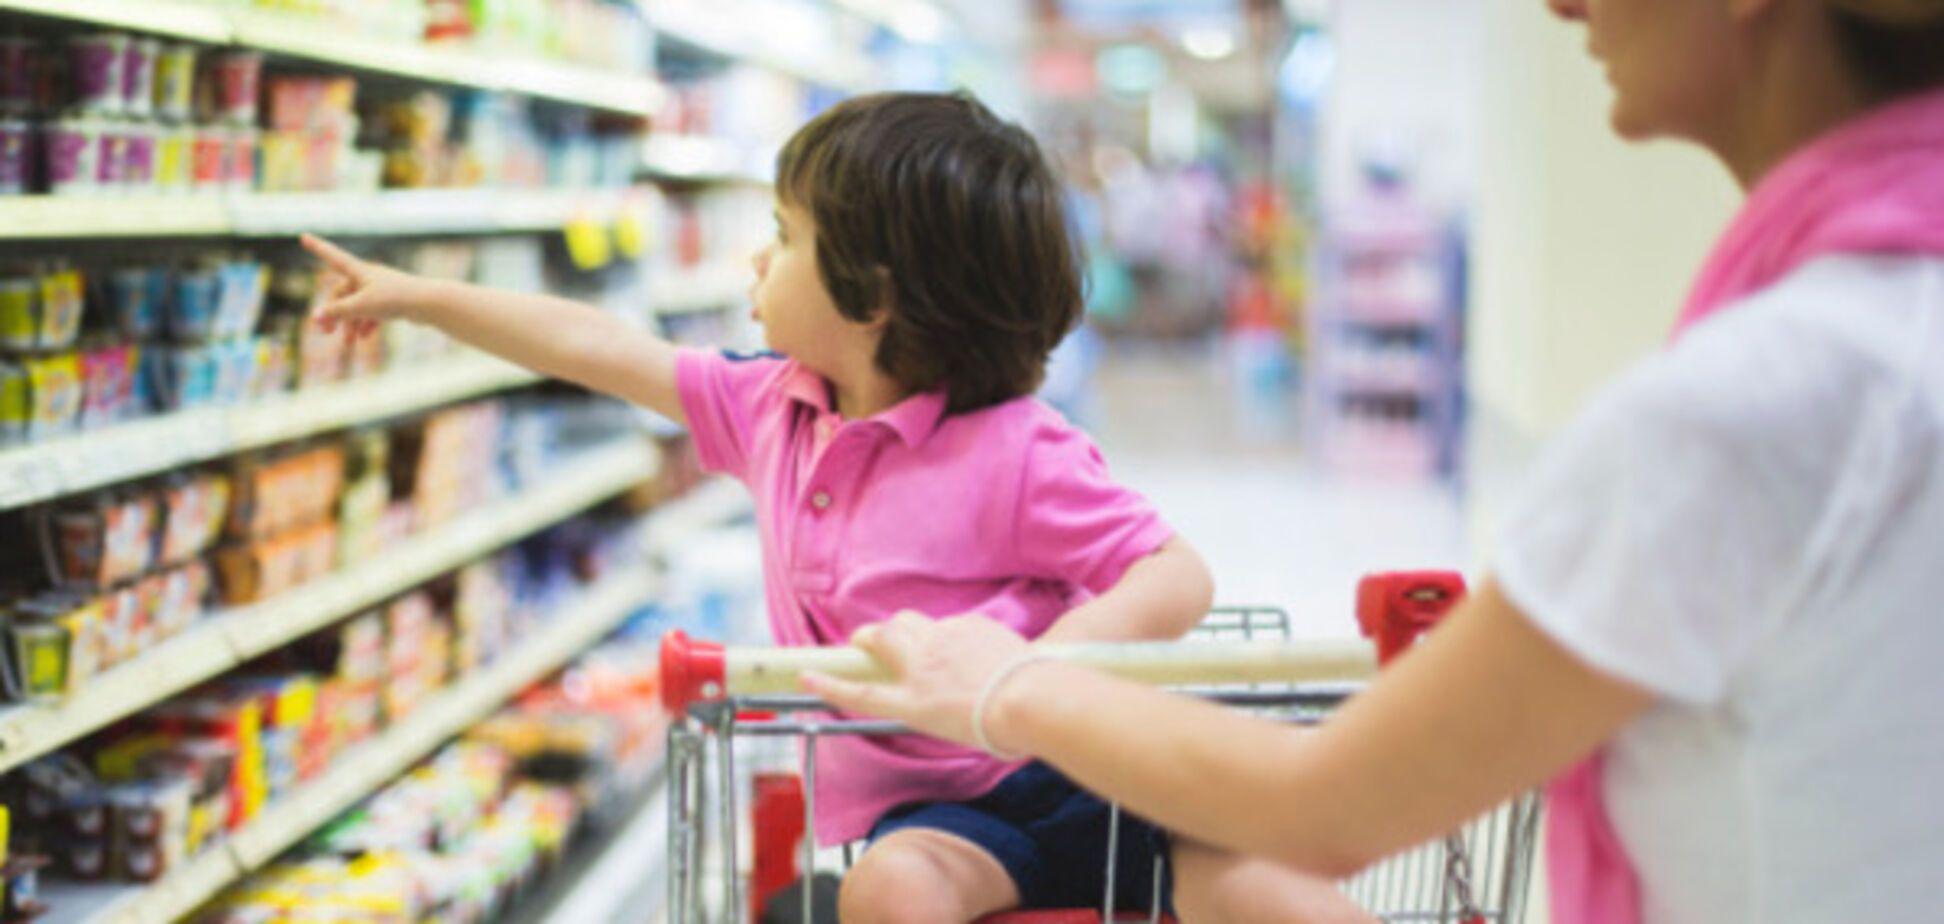 Еда-фальсификат в магазинах: чем это чревато для украинцев